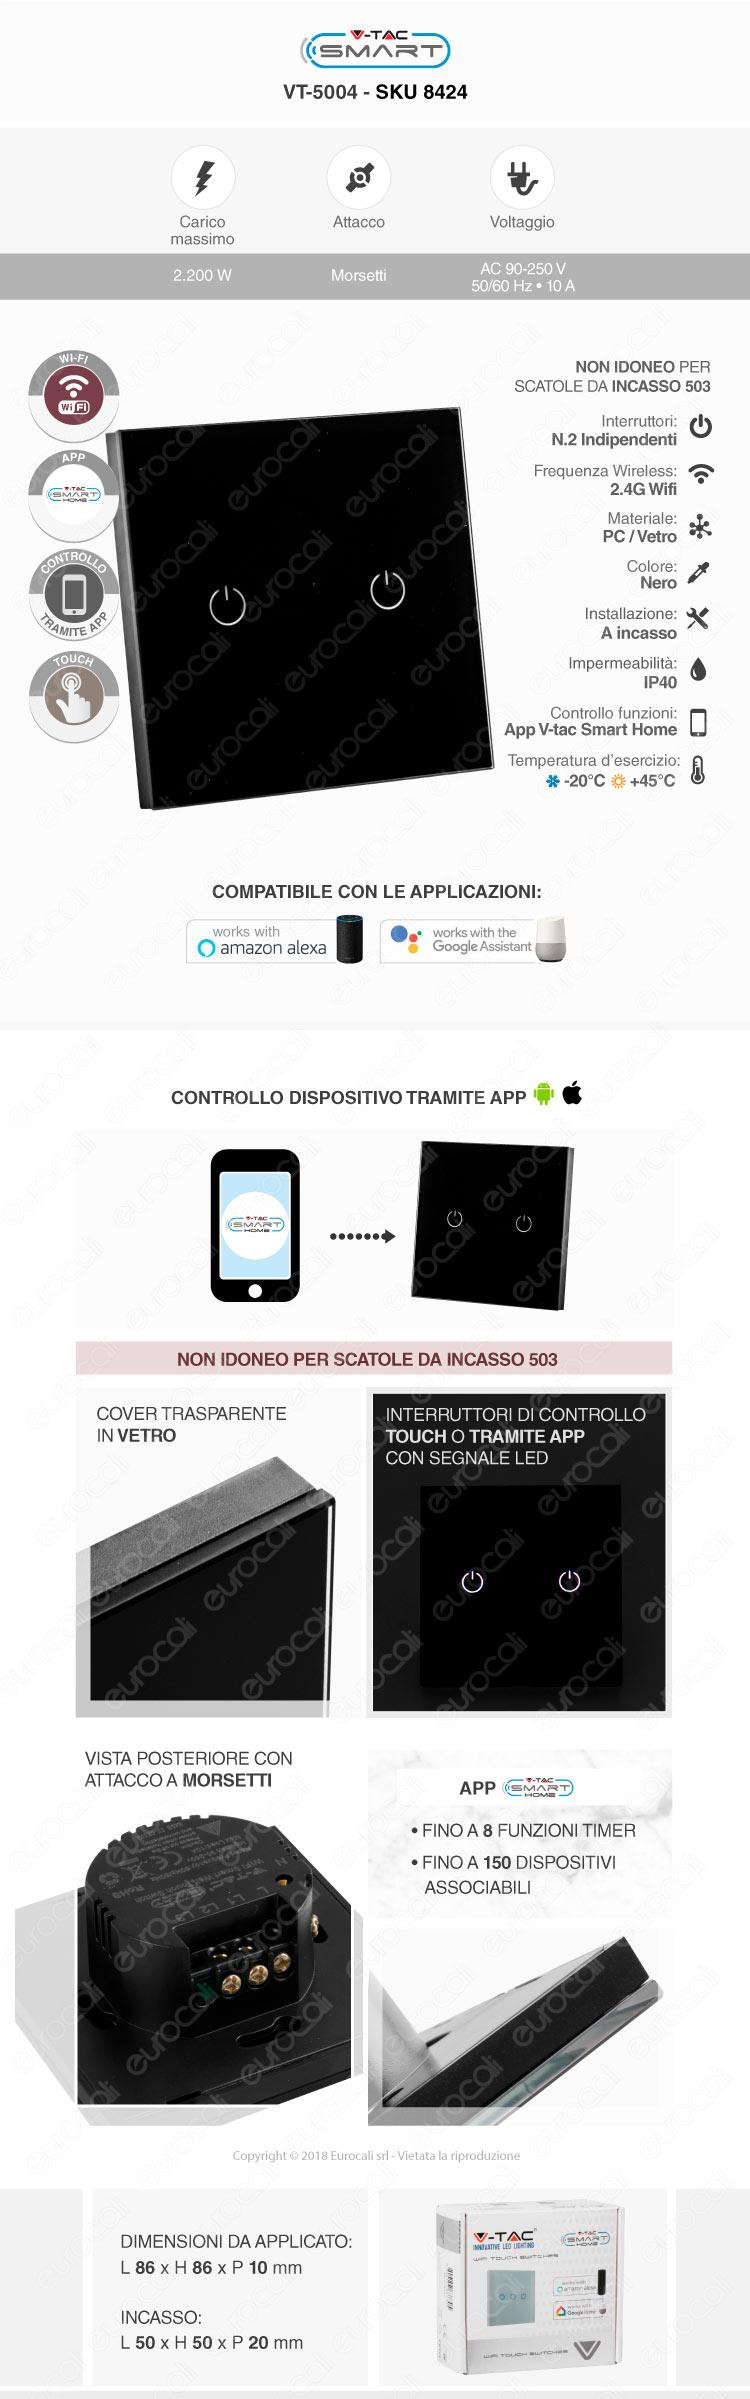 V-Tac Smart VT-5004 Interruttore Colore Nero Touch Wi-Ficon 2 Tasti